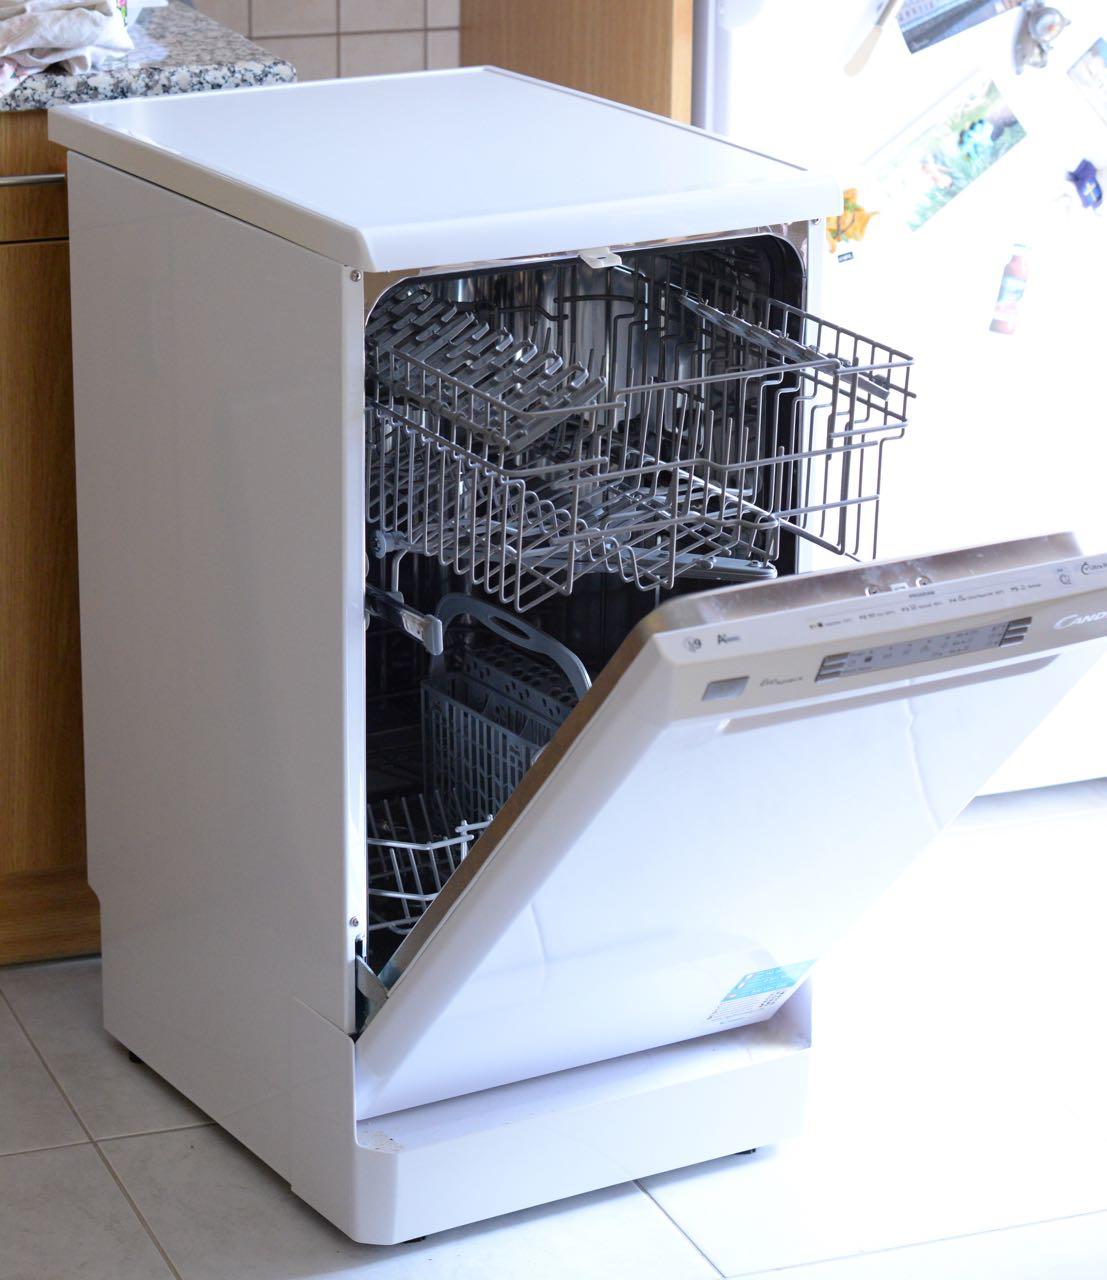 Конструкция посудомойки Candy Cdp 4609